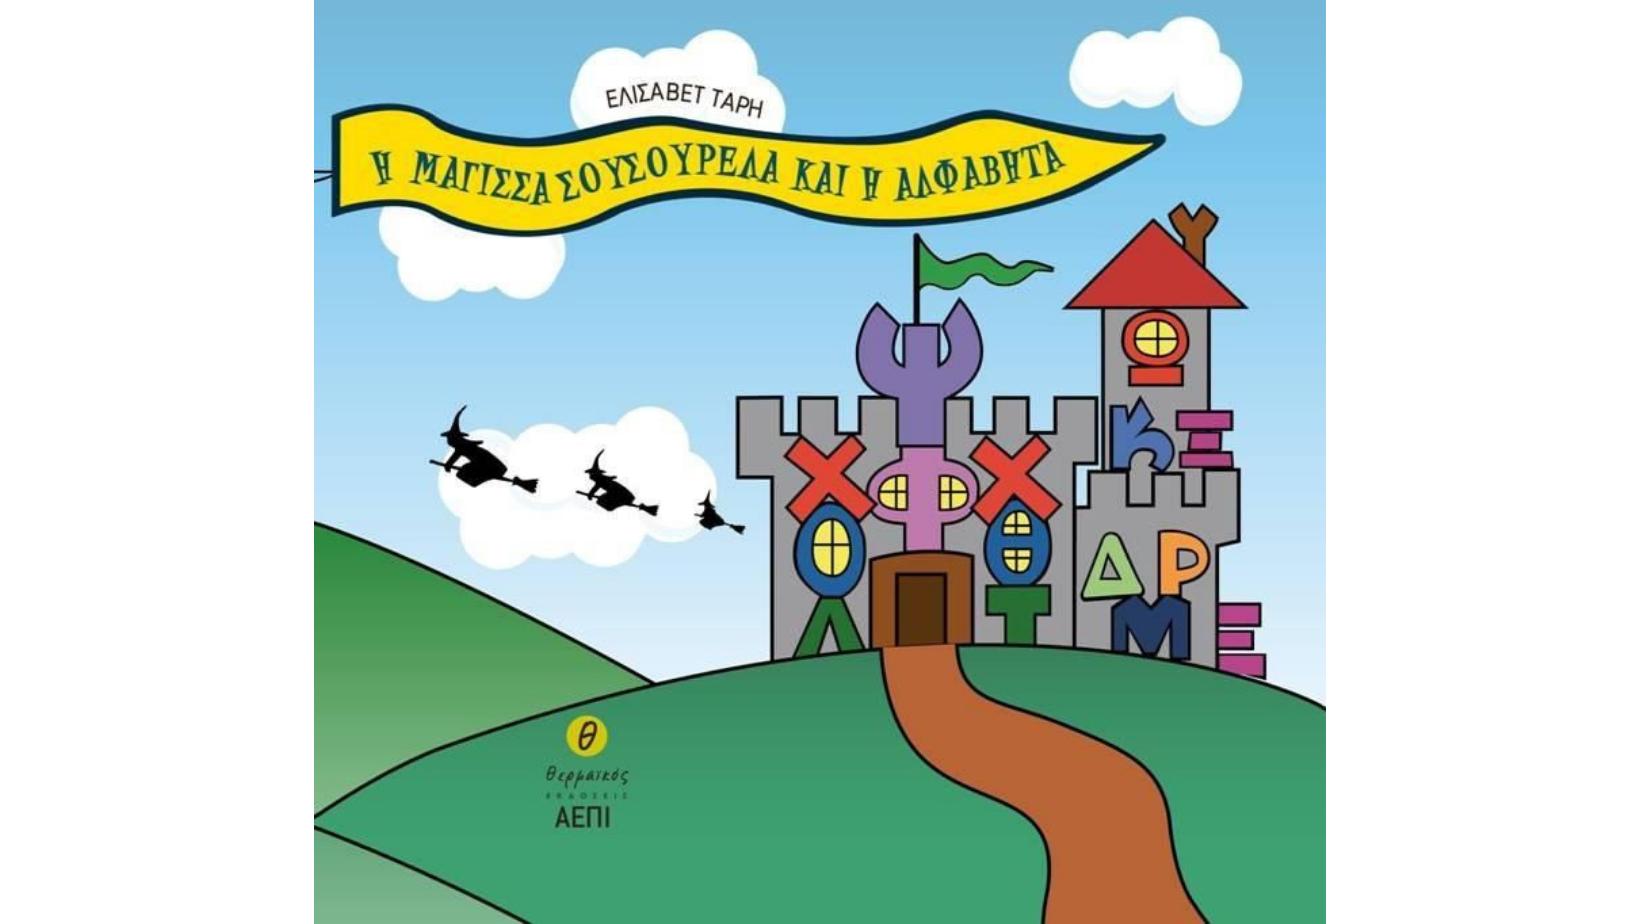 """""""Η Μάγισσα Σουσουρέλα και η Αλφαβήτα"""" από τις εκδόσεις Θερμαικός, είναι ένα ιδιαίτερο και πρωτότυπο παραμύθι που απευθύνεται σε παιδιά ..."""